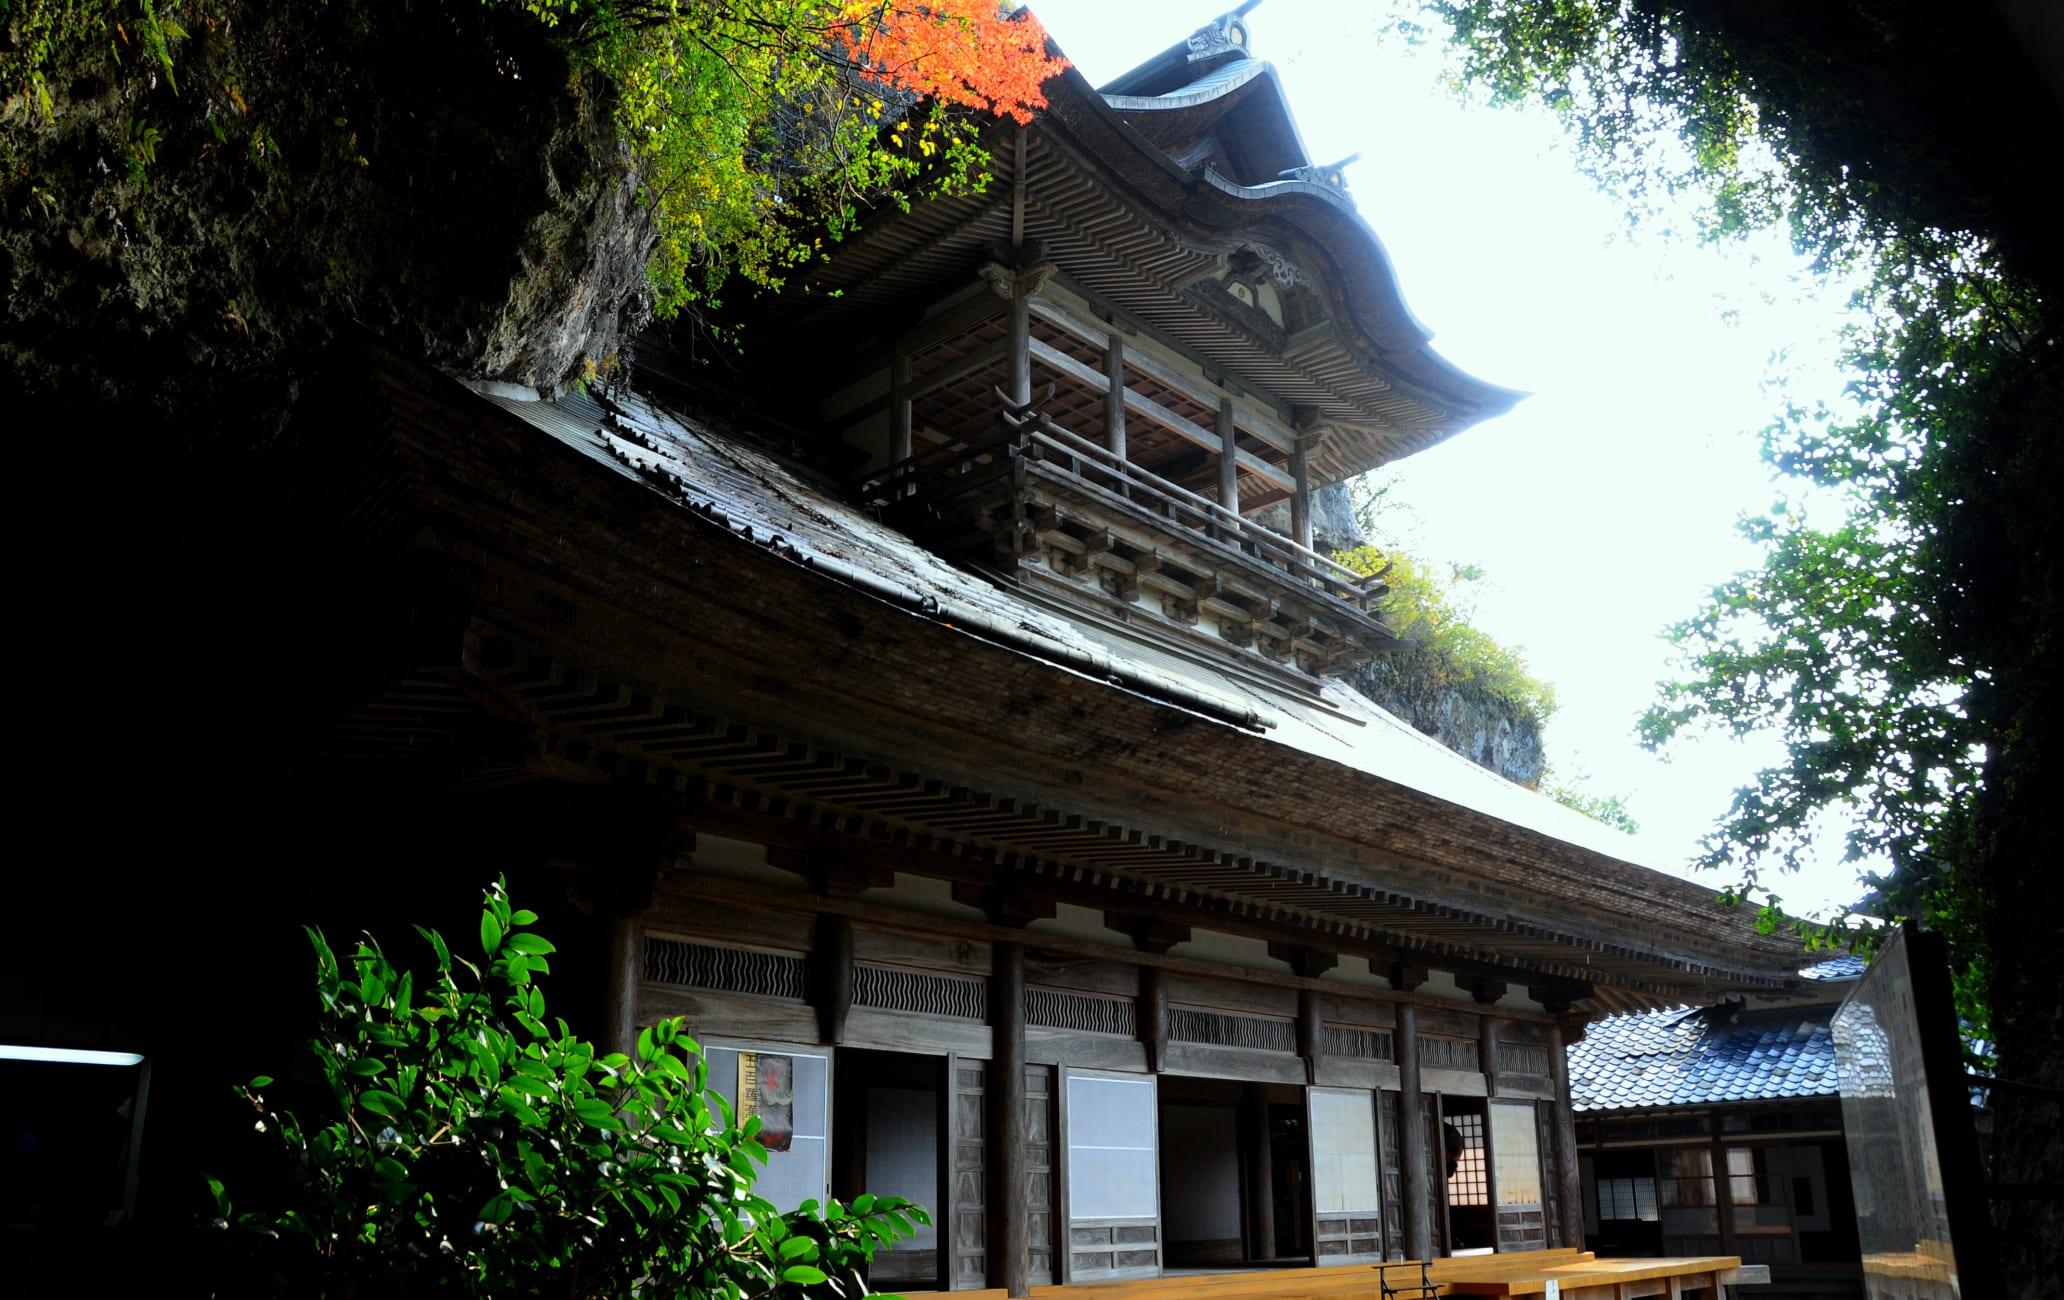 Rakan-ji Temple